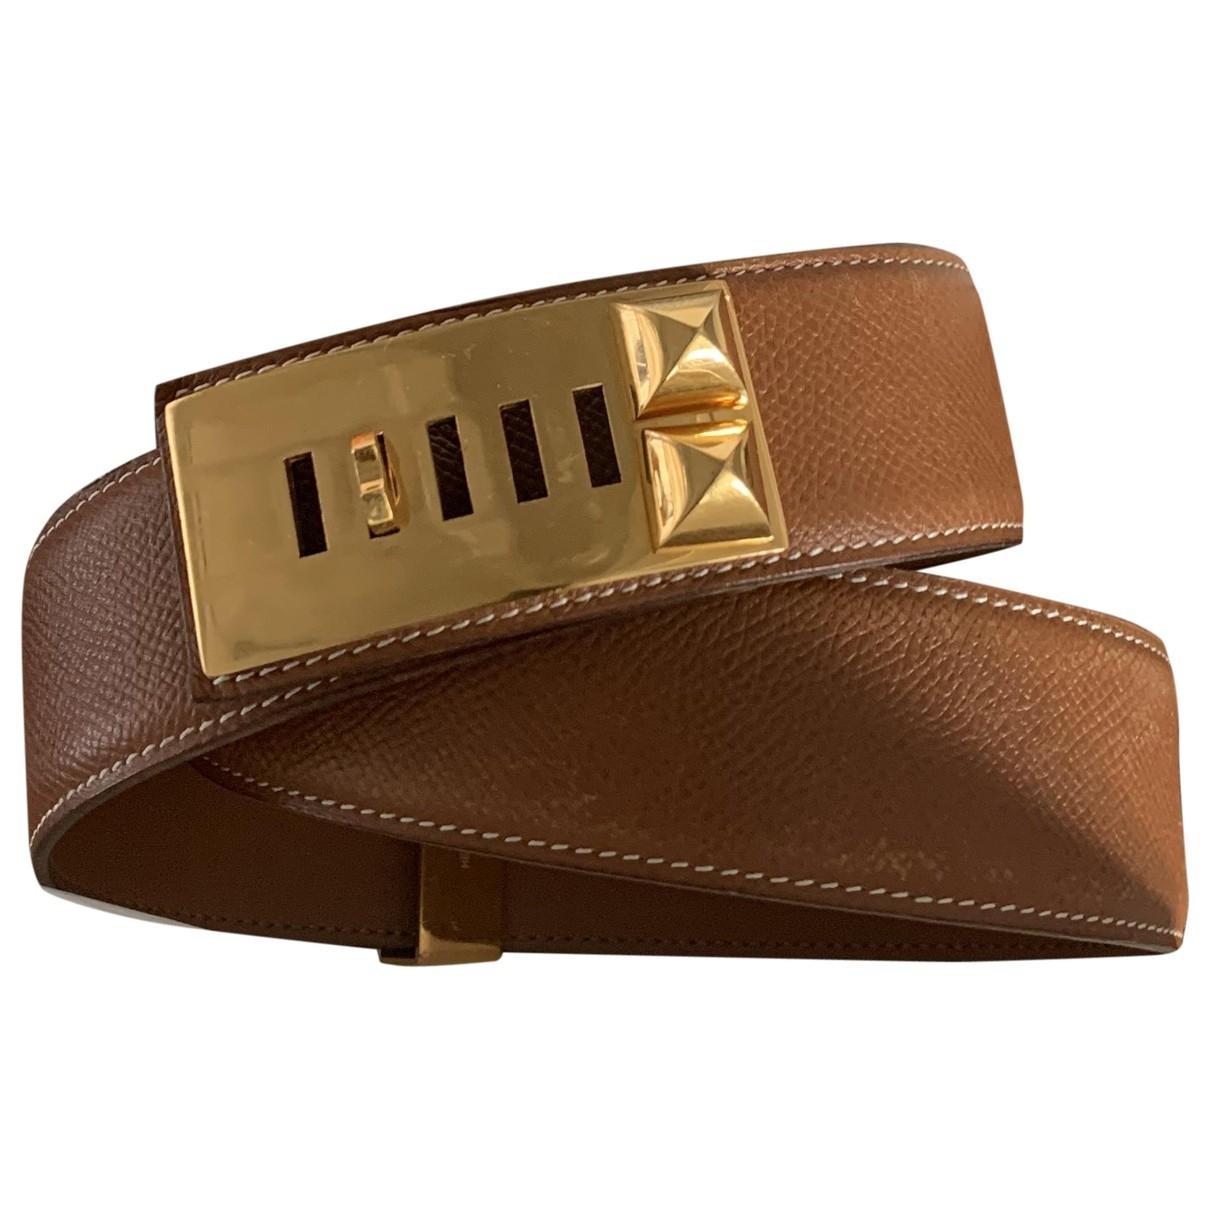 Hermès Collier de chien Camel Leather belt for Women 75 cm